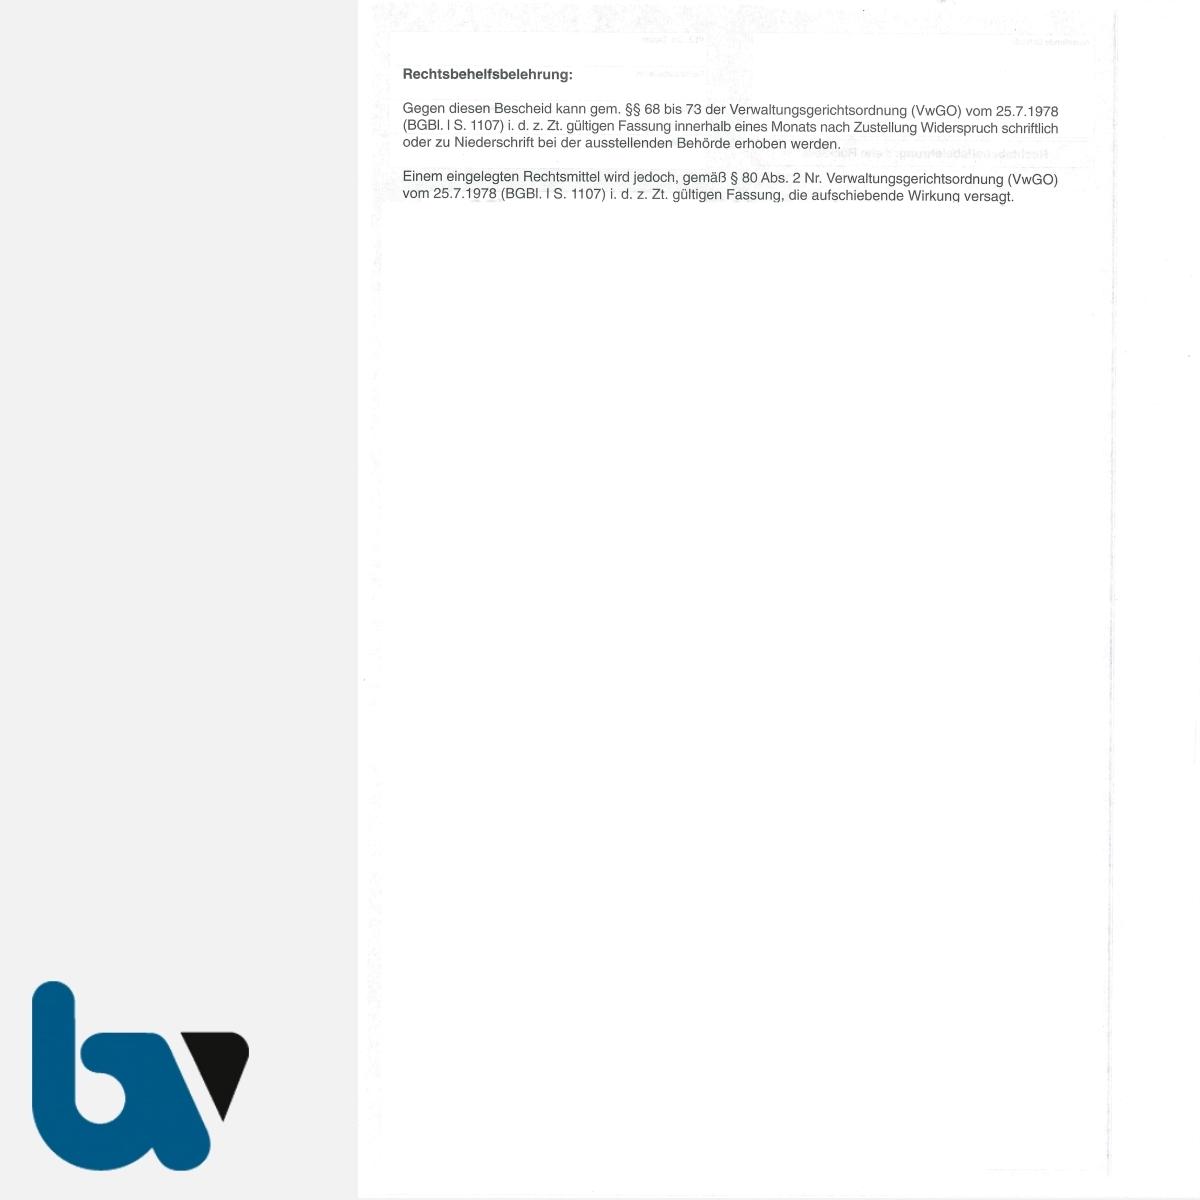 0/498-3 Ausnahmegenehmigung Durchführung Transporte Sonntag Feiertag Straßenverkehrsordnung StVO Straßenverkehrsgesetz StVG selbstdurchschreibend DIN A4 2-fach RS | Borgard Verlag GmbH